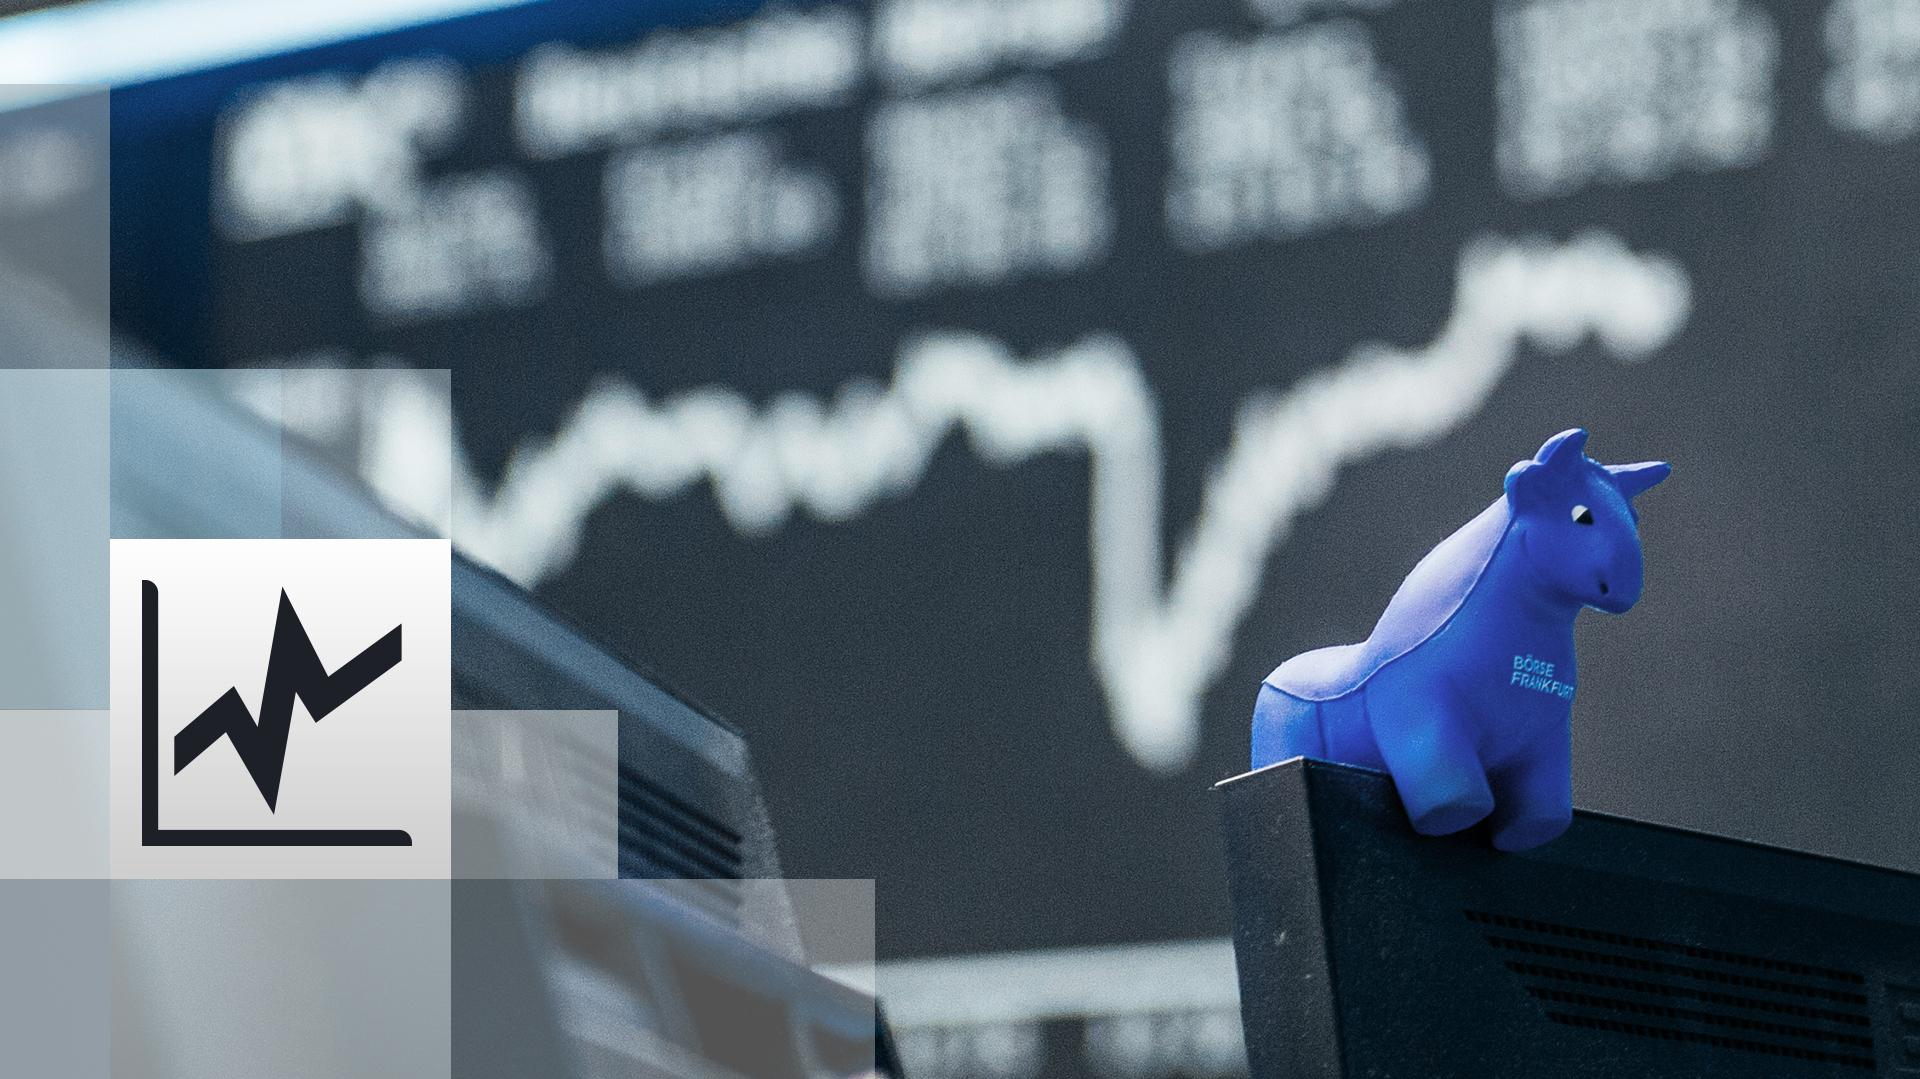 Der blaue Bulle, das Maskottchen der Frankfurter Börse, sitzt vor der Kurstafel im Börsenraum